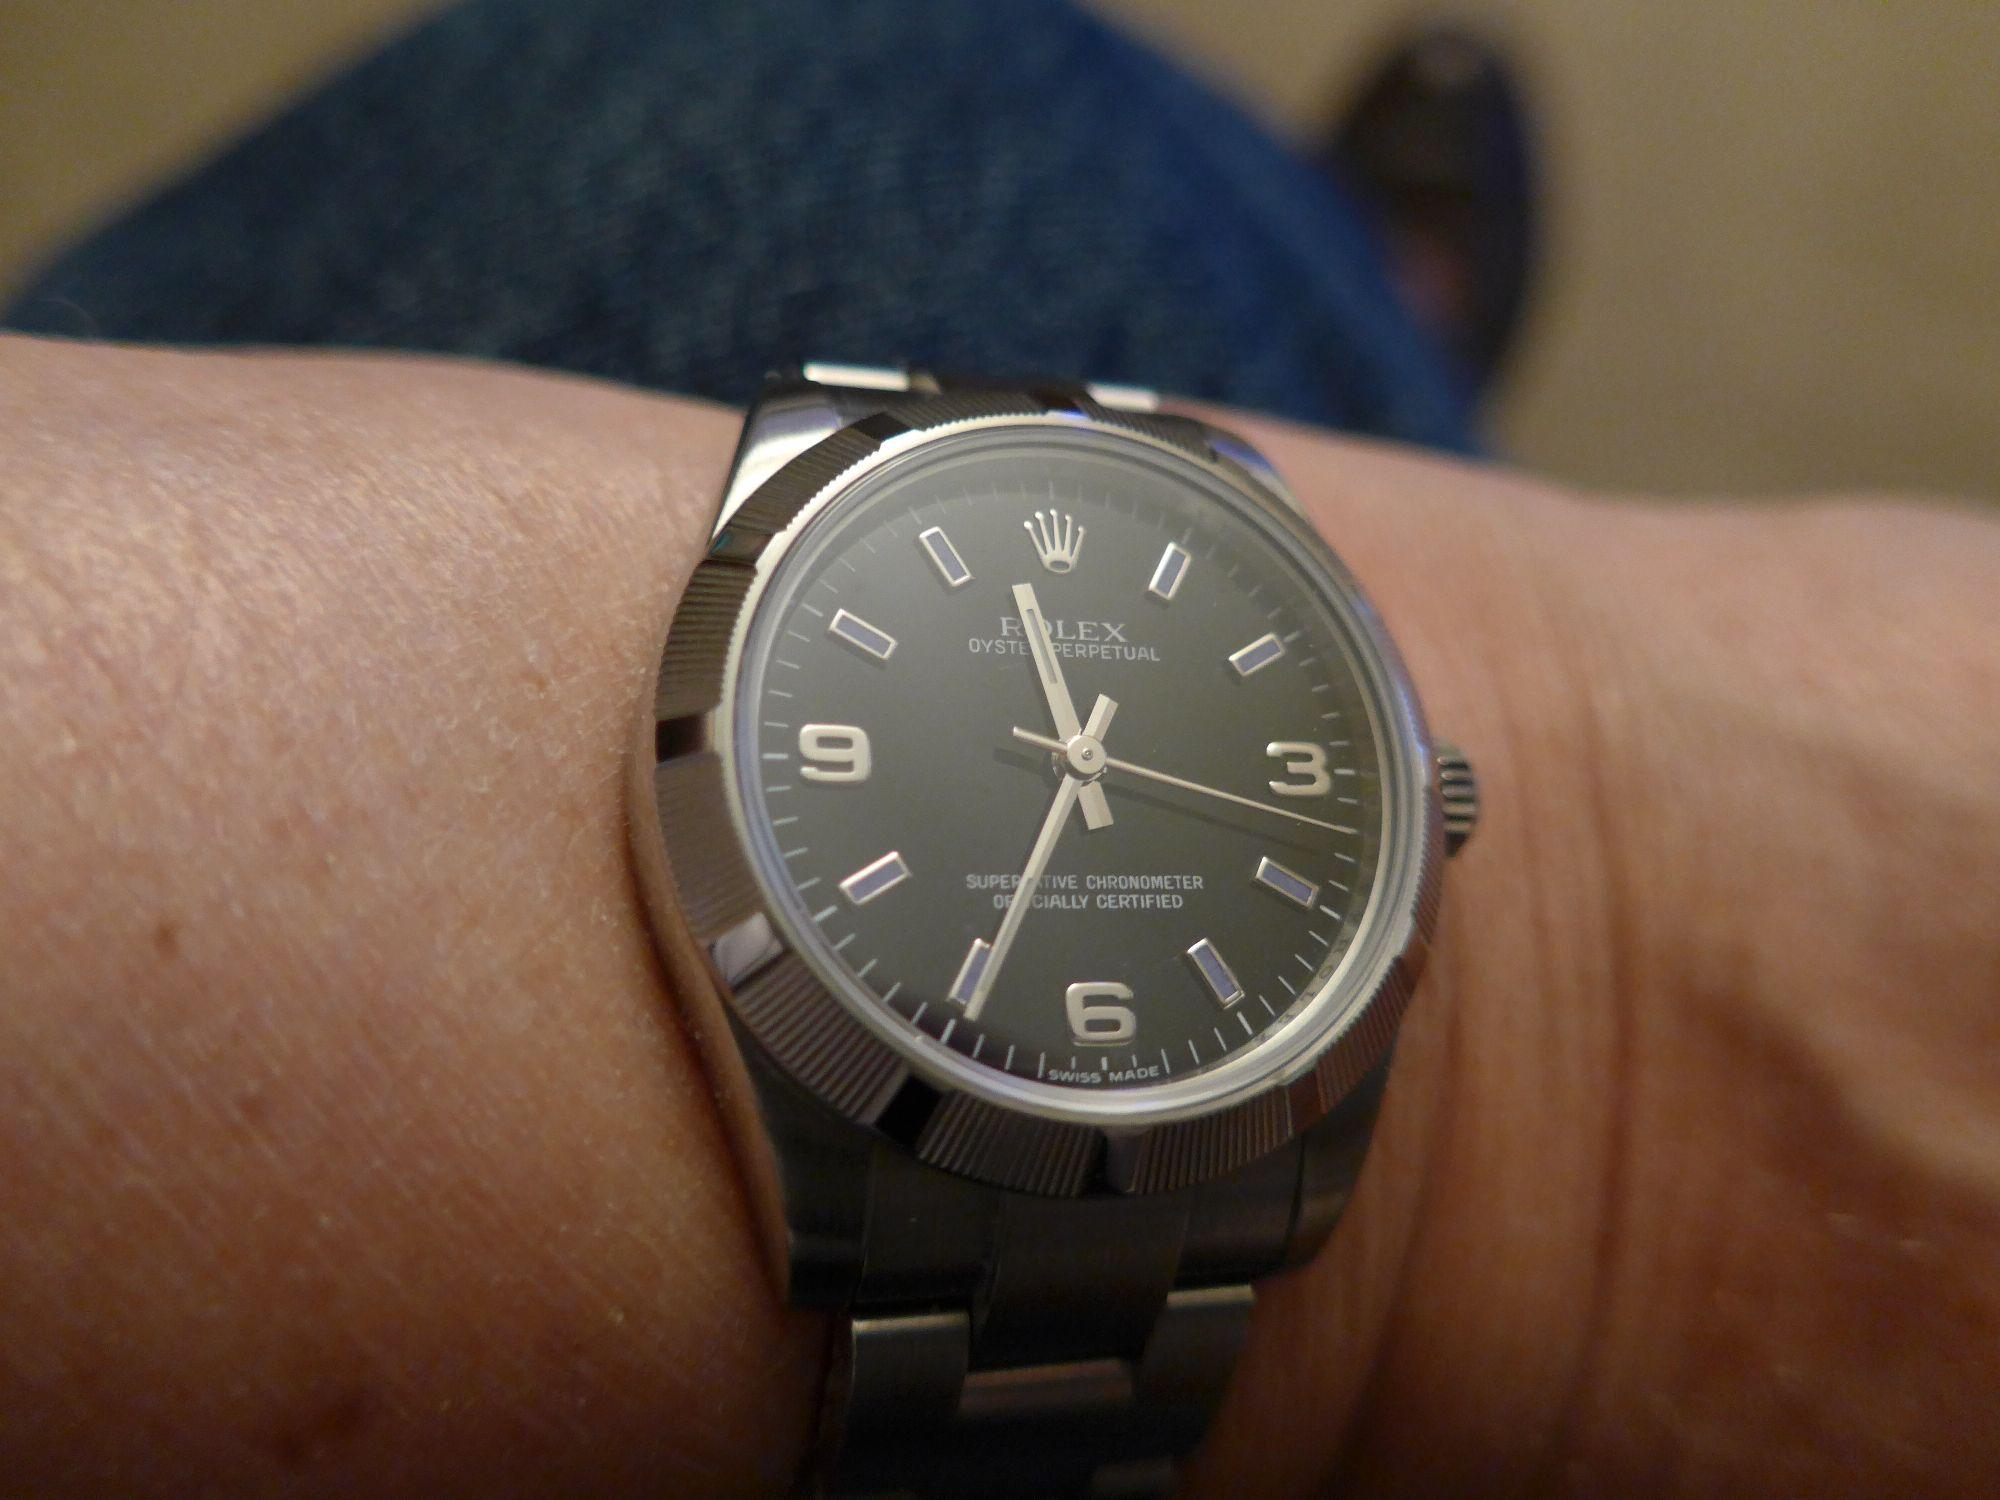 La montre du vendredi 24 octobre 2014 439667ASIL1000020